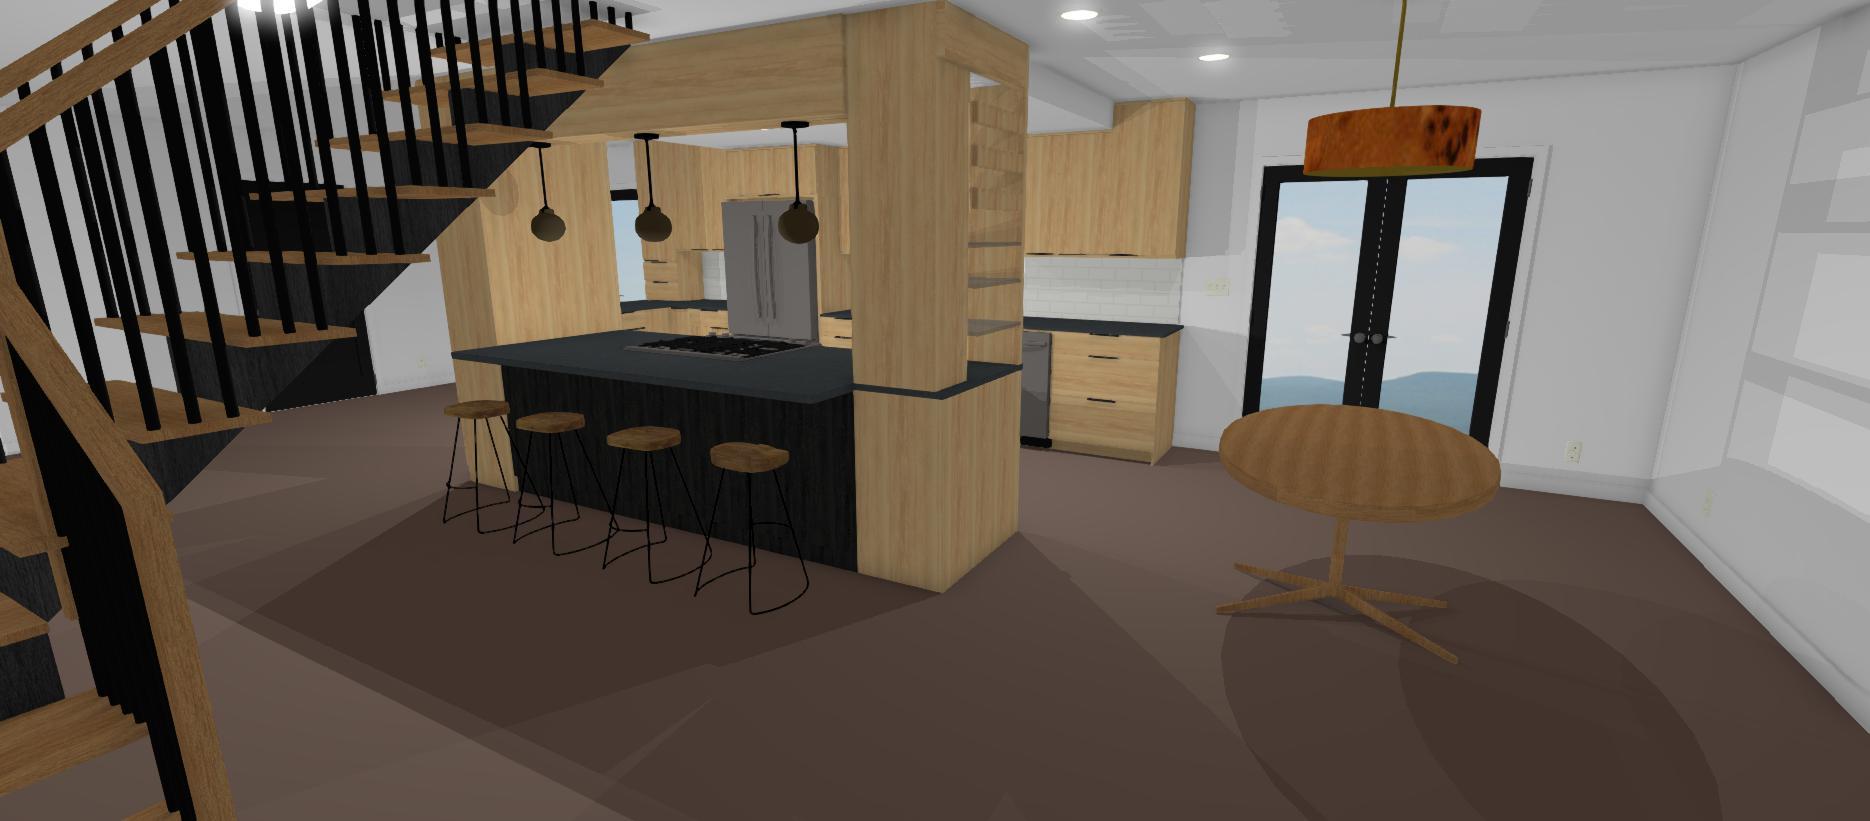 v4 Meadowood Kitchen - Render 6 copy.jpg